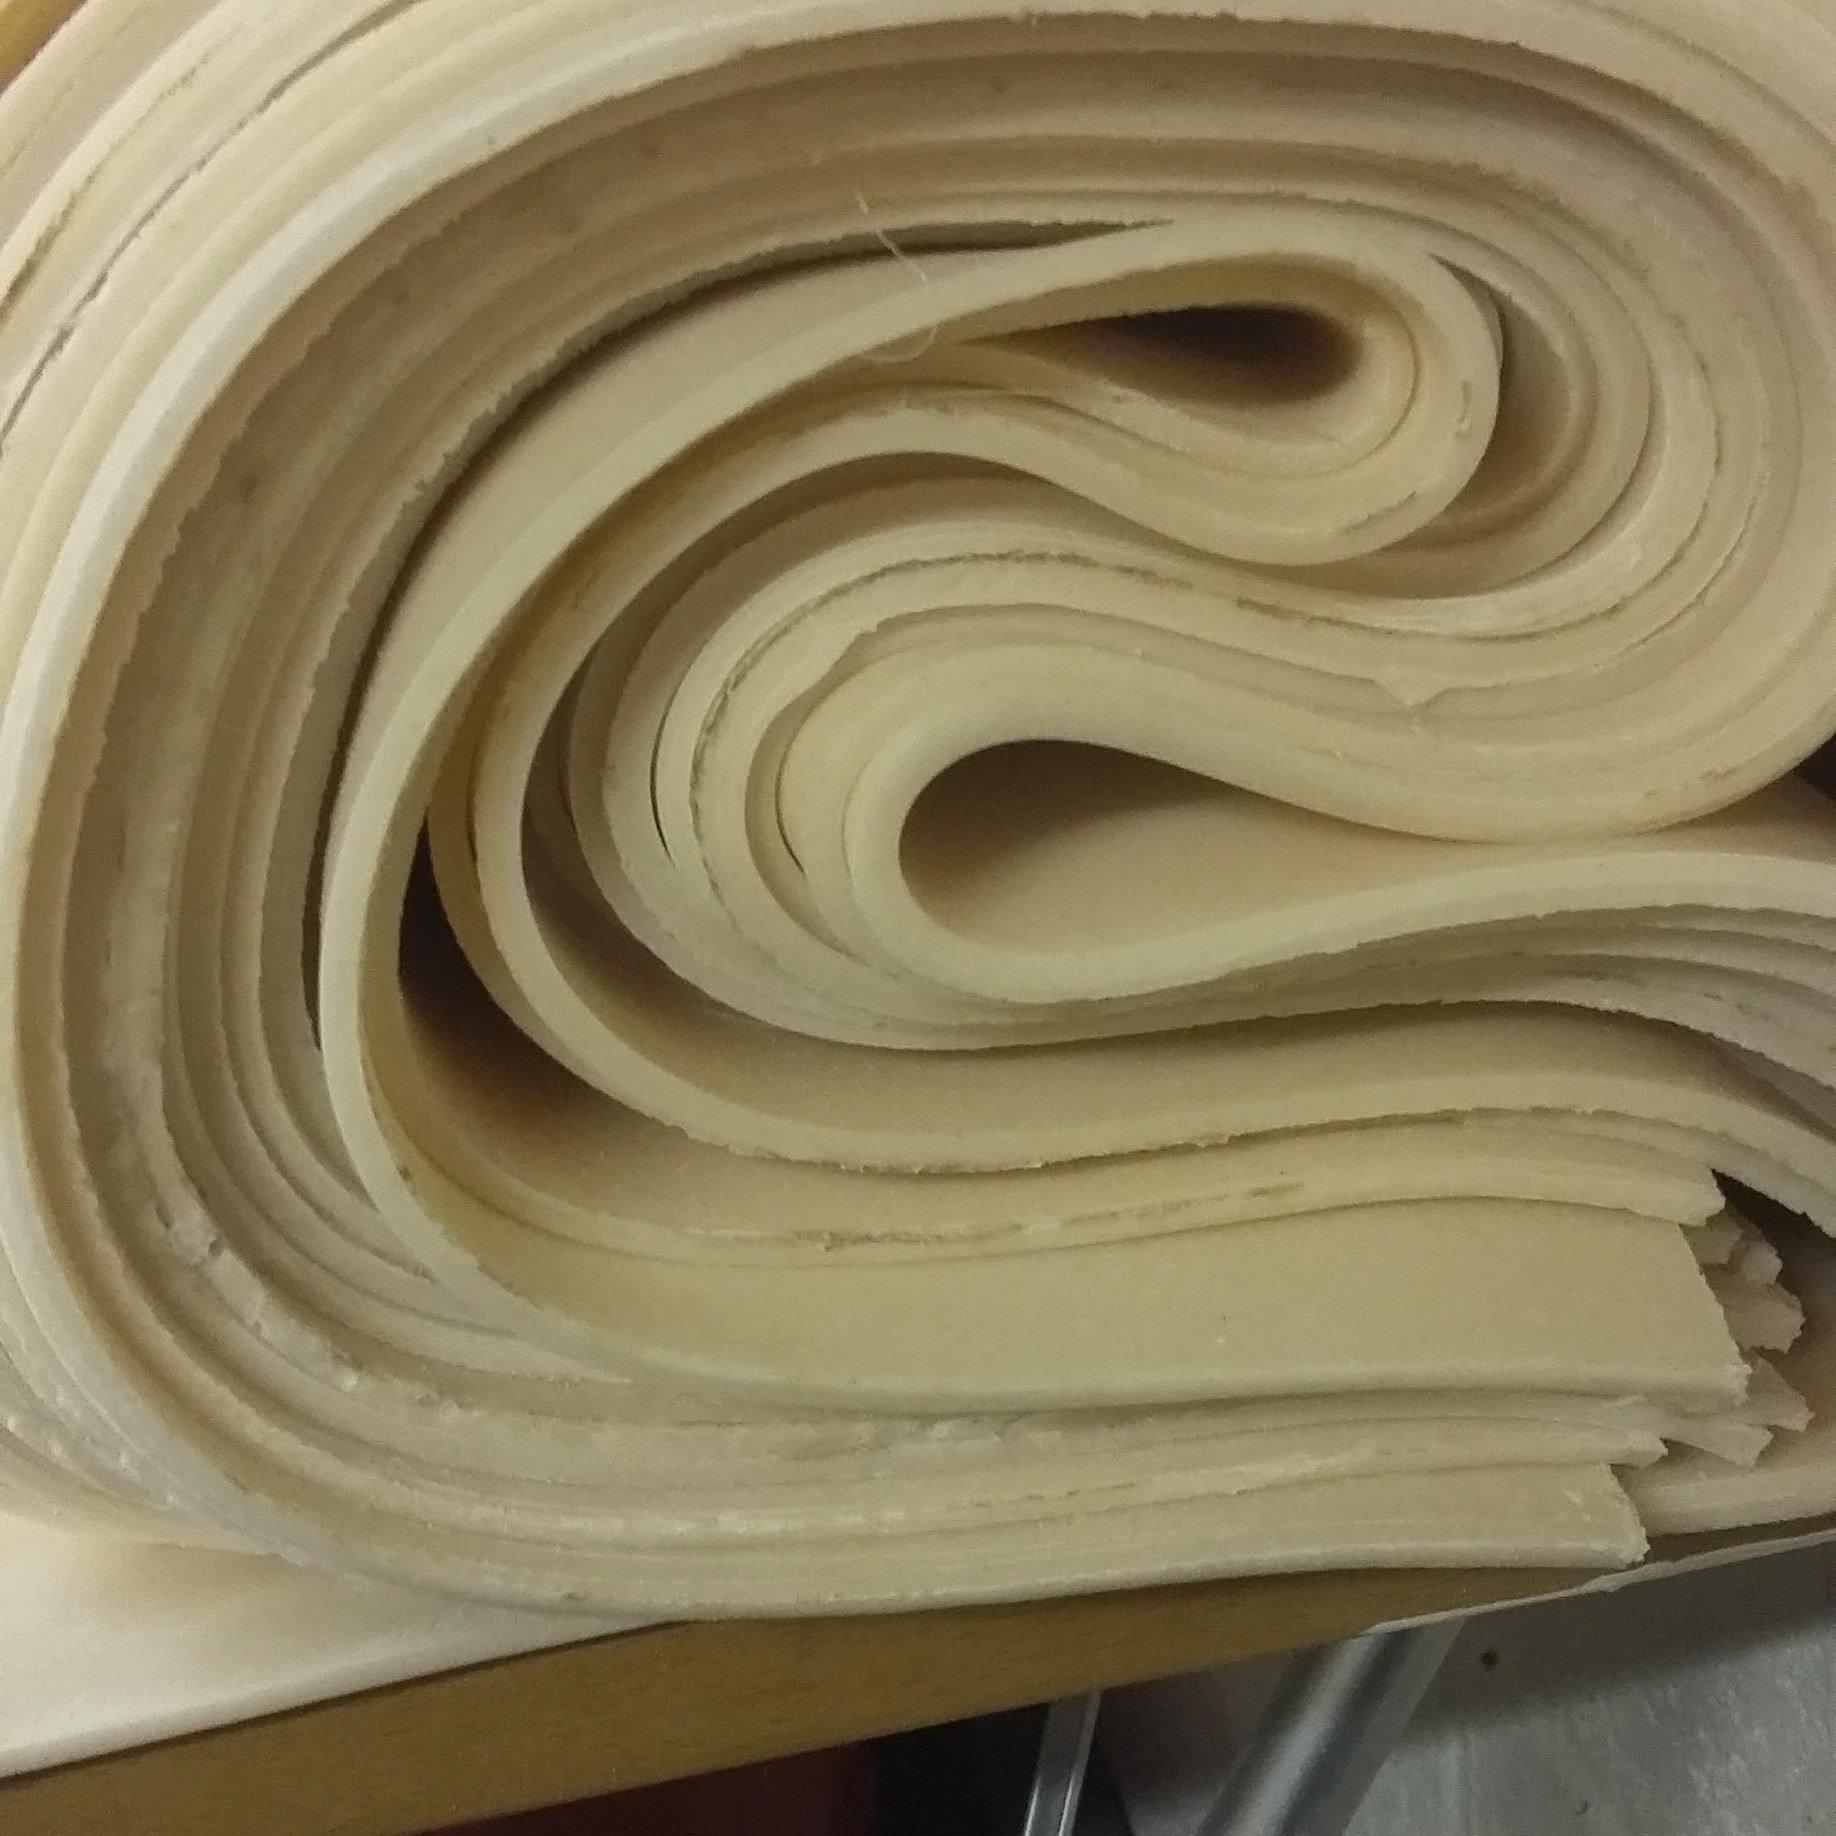 3 x A4 Reelskin sheets   (210 x 297)  £25.00 00006